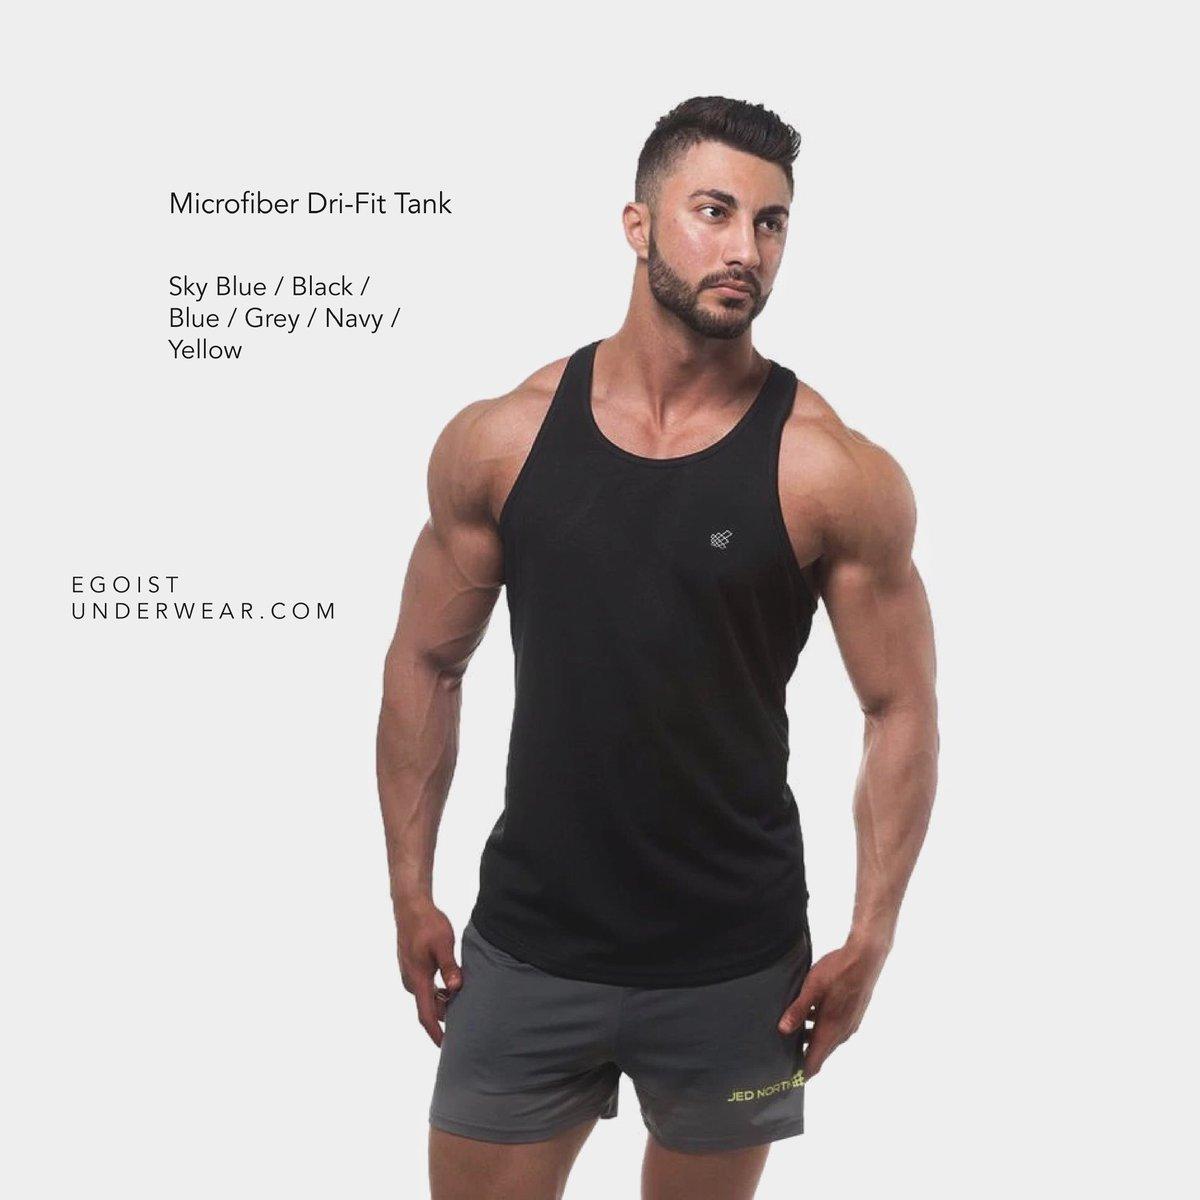 Workout Essentials 👉🏼  (Dri-Fit tank tops)  #mensfashion #chicago #boystown #northalsted #workoutwear #gayusa #gayfashion #Gym #mens #tops #microfiber #gaychicago #gay #gaymuscle #tanks #gayfit #tanktop #menswear #gayla #gayusa #gaymiami #gaygym #tanktops